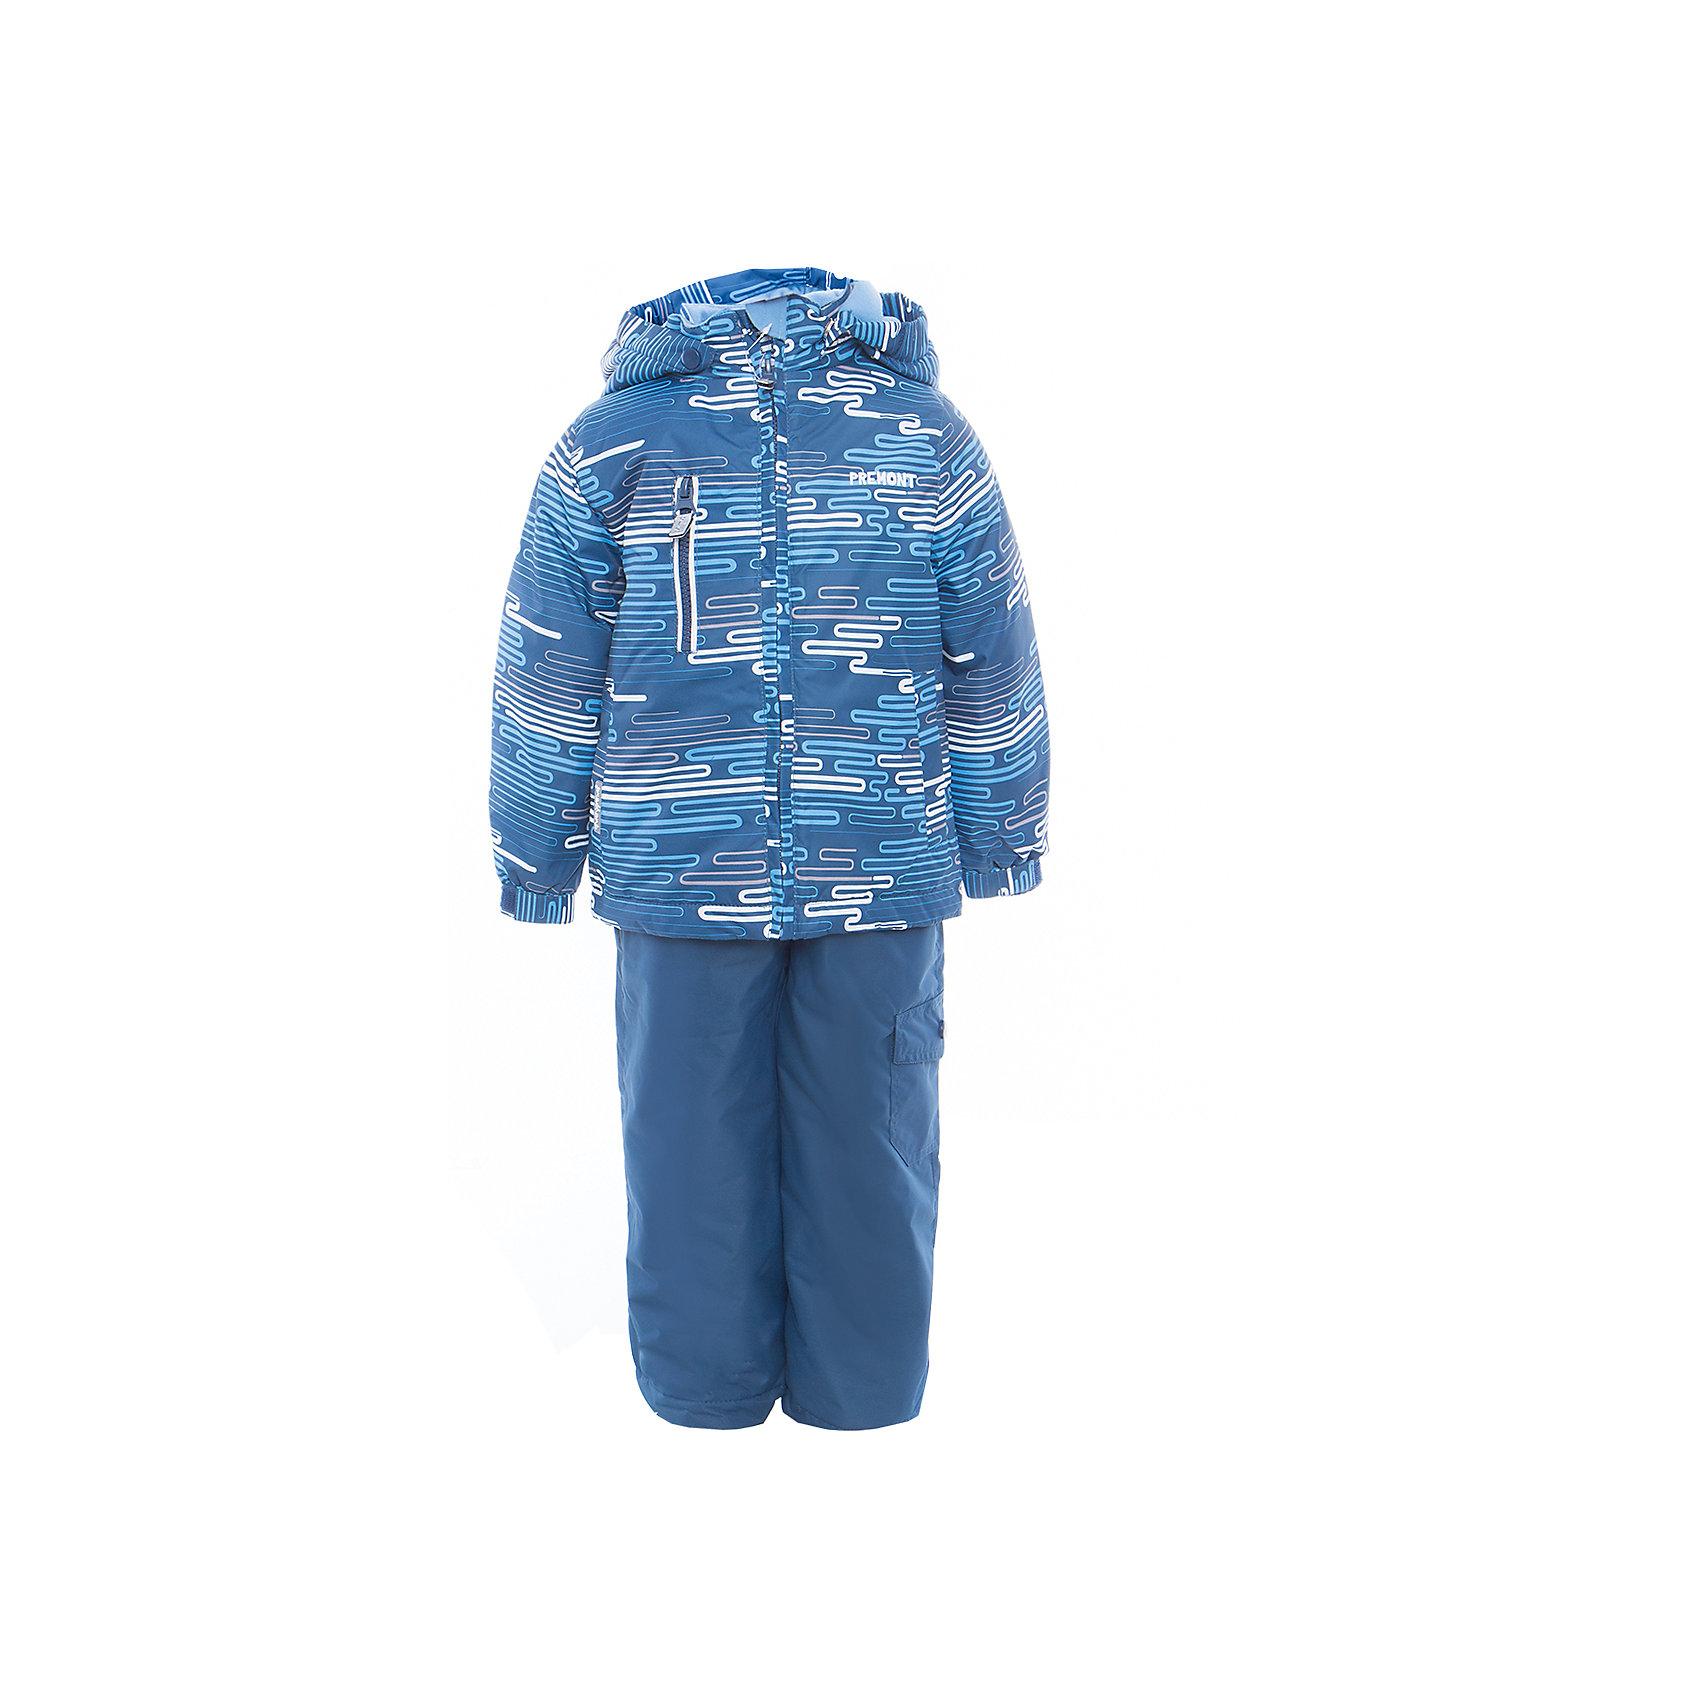 Комплект: куртка и полукомбинезон для мальчика PremontВерхняя одежда<br>Характеристики товара:<br><br>• цвет: синий<br>• составткани: 100% полиэстер, мембрана 3000 мм/ 3000 г/м ?/24h<br>• подкладка: тафетта, трикотаж с ворсом на воротнике и в капюшоне<br>• утеплитель - Tech-Polyfill, в куртке 120 г/м2,  в брюках 80 г/м2<br>• комплектация: куртка и полукомбинезон<br>• температурный режим: от -5° С до +10° С<br>• водонепроницаемый материал<br>• съемный капюшон<br>• силиконовые съемные штрипки<br>• брюки с утяжкой на талии<br>• светоотражающие элементы<br>• страна бренда: Канада<br><br>Демисезонный комплект Premont обеспечит ребенку комфорт и тепло во время прогулок. Комплект хорошо защищает от ветра и влаги. Материал отлично подходит для дождливой погоды. <br>Одежда от канадского бренда Premont стильная, качественные и удобная. Для производства продукции используются только безопасные, проверенные материалы и фурнитура. Порадуйте ребенка модными и красивыми вещами от Premont! <br><br>Комплект: куртка и полукомбинезон для мальчика от известного бренда Premont можно купить в нашем интернет-магазине.<br><br>Ширина мм: 356<br>Глубина мм: 10<br>Высота мм: 245<br>Вес г: 519<br>Цвет: синий<br>Возраст от месяцев: 18<br>Возраст до месяцев: 24<br>Пол: Мужской<br>Возраст: Детский<br>Размер: 92,152,98,104,110,116,122,128,134,140,146<br>SKU: 5353049